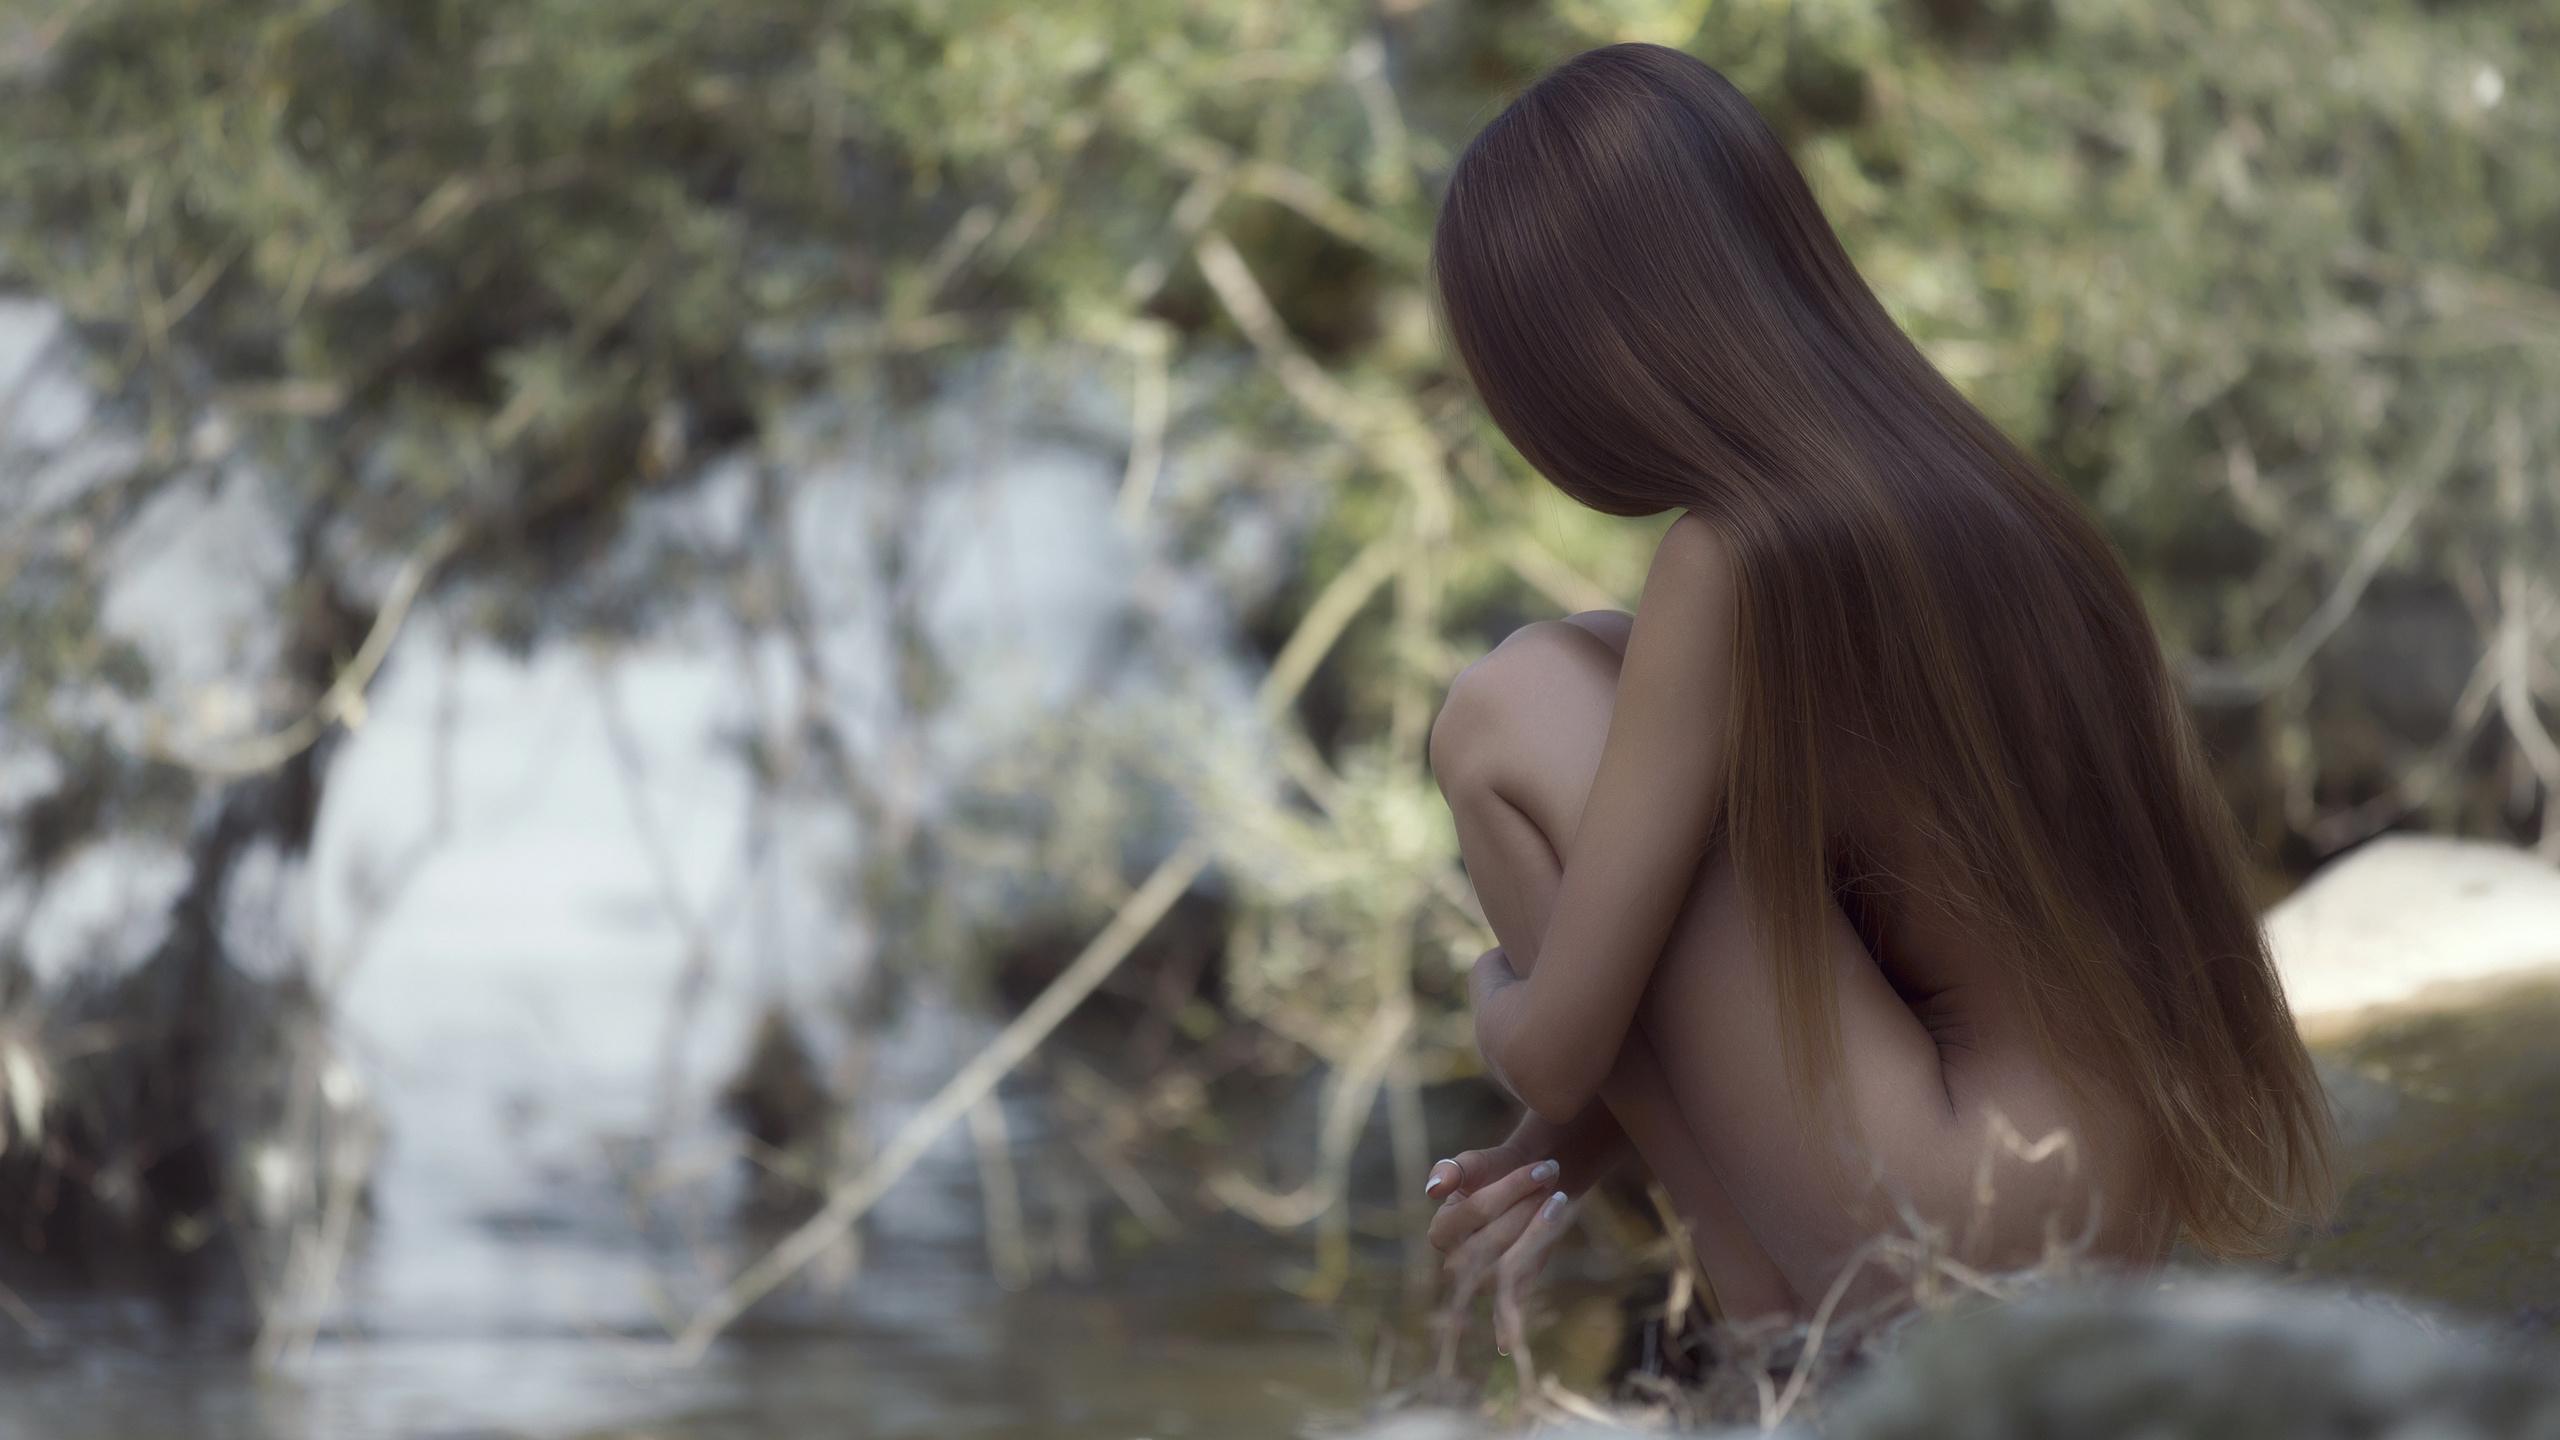 фото обнаженных девушек где спрятано лицо с русыми волосами окном